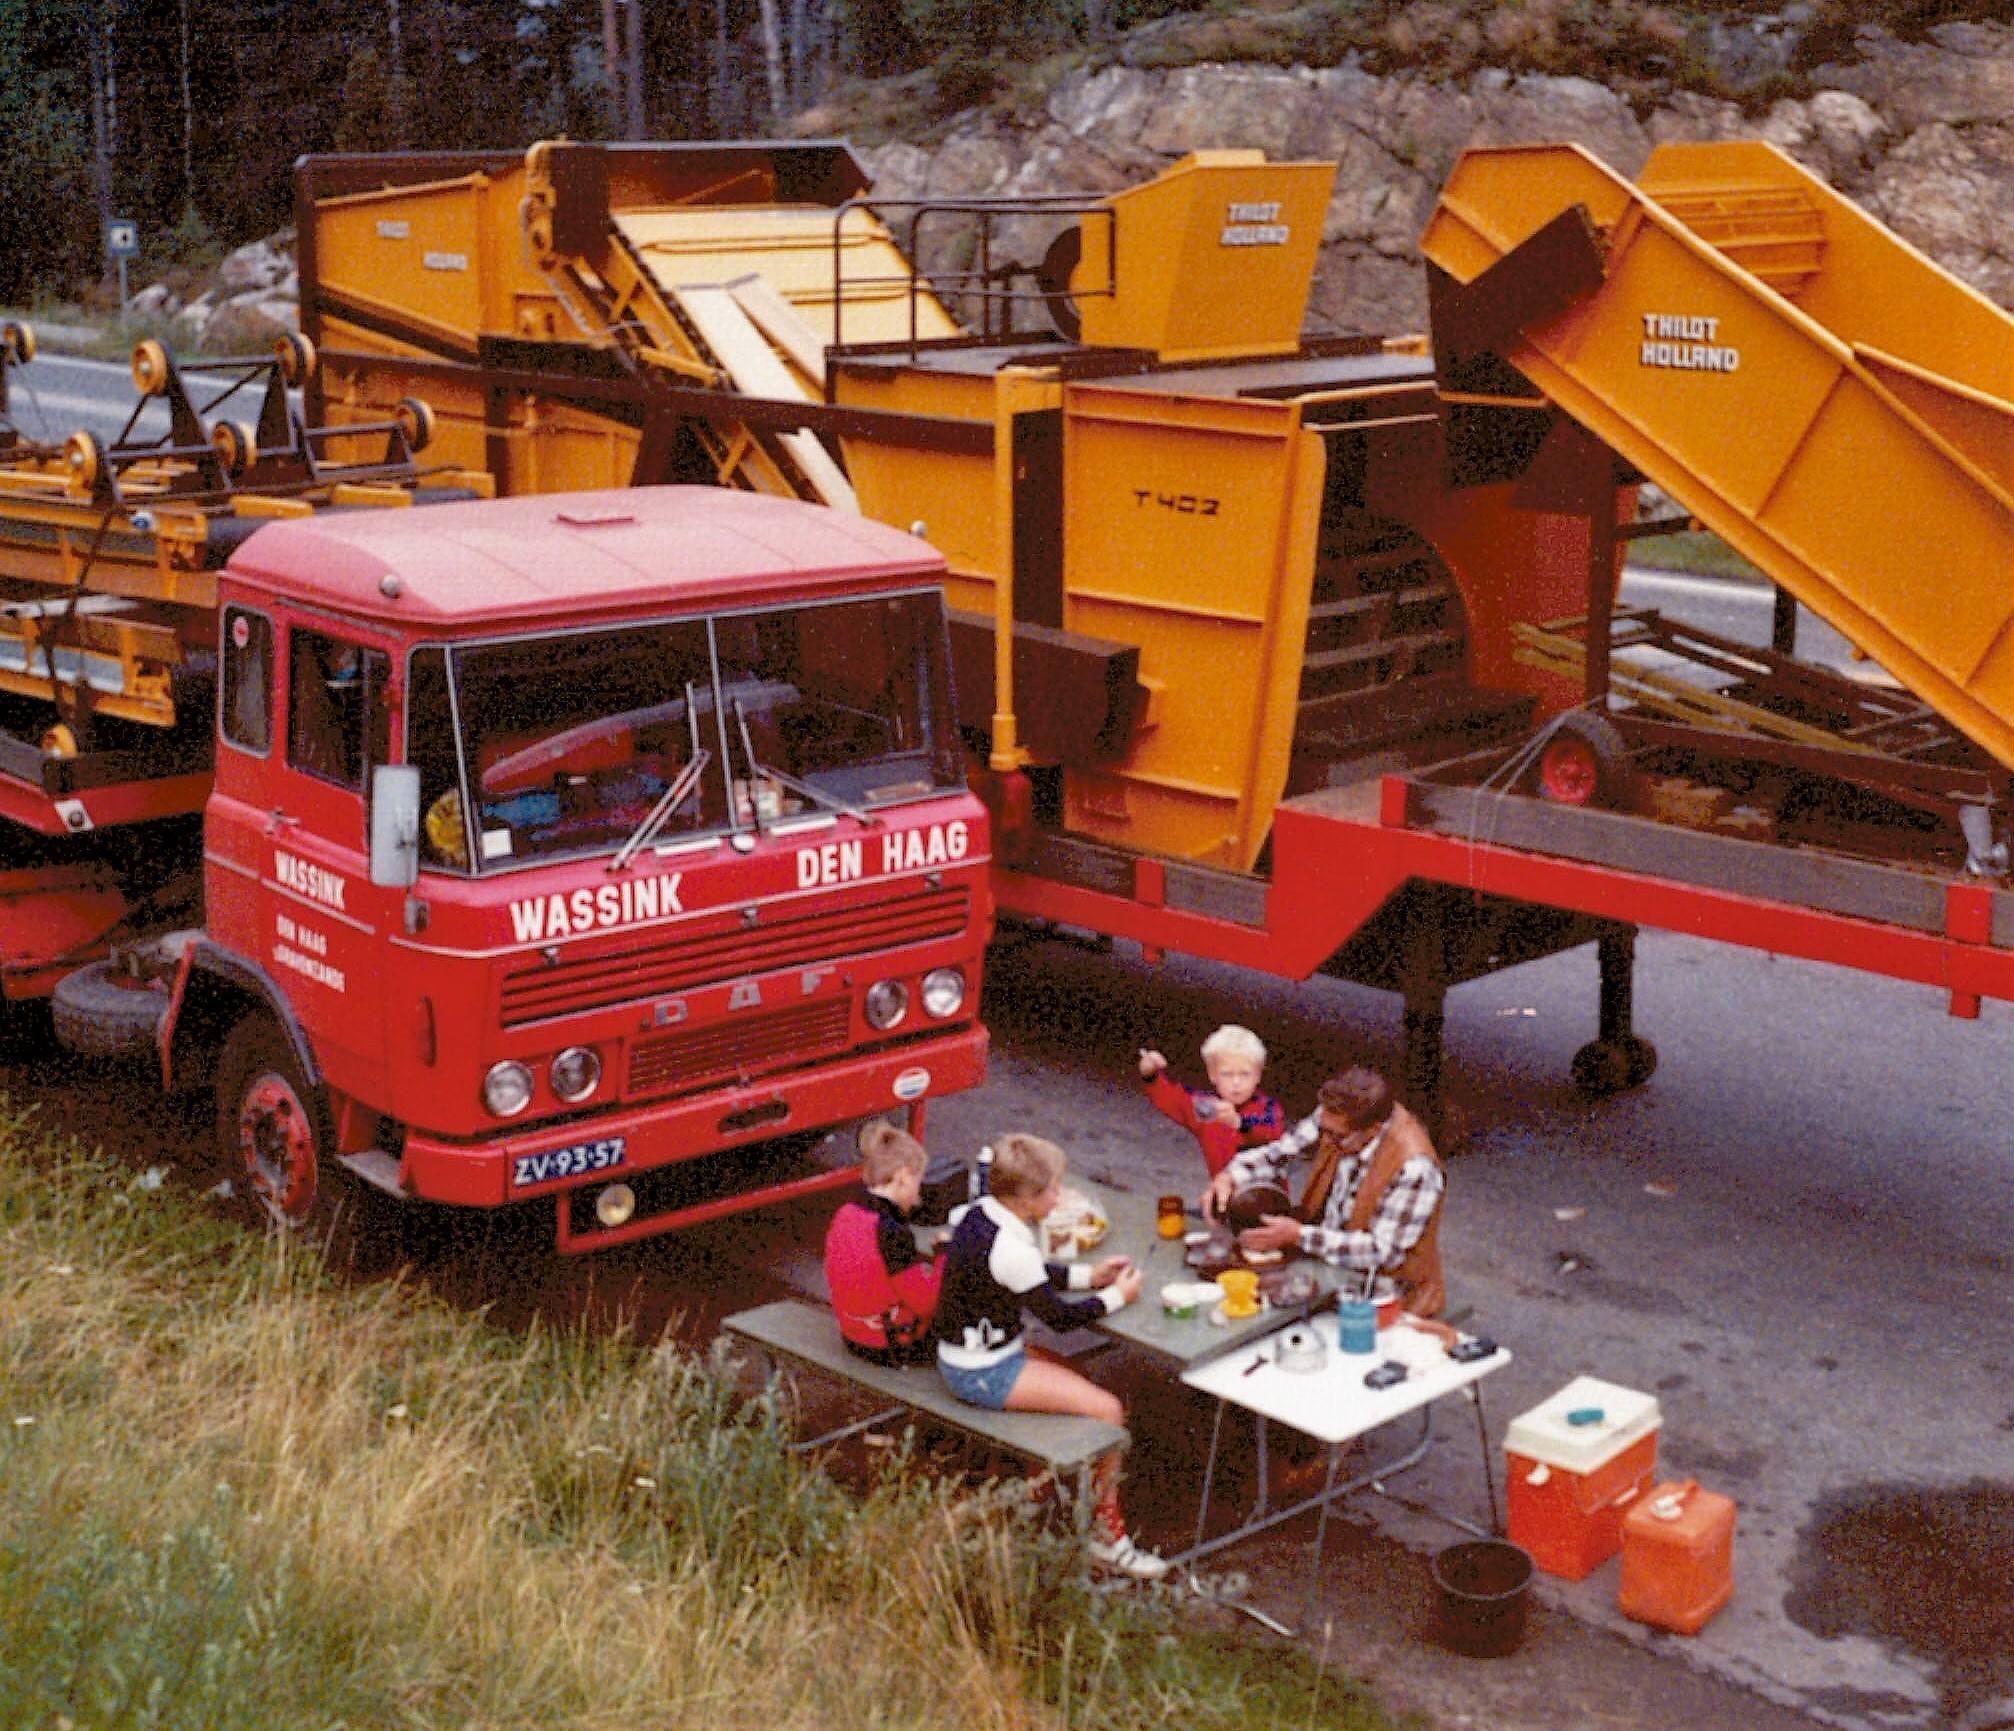 Mushroom-machine-naar-Noorwegen-in-1978--Kwamen-hier-van-de-boot-in-Zweden-en-langs-de-weg-toen-we-niet-verder-mochten-omdat-het-week-end-was-1